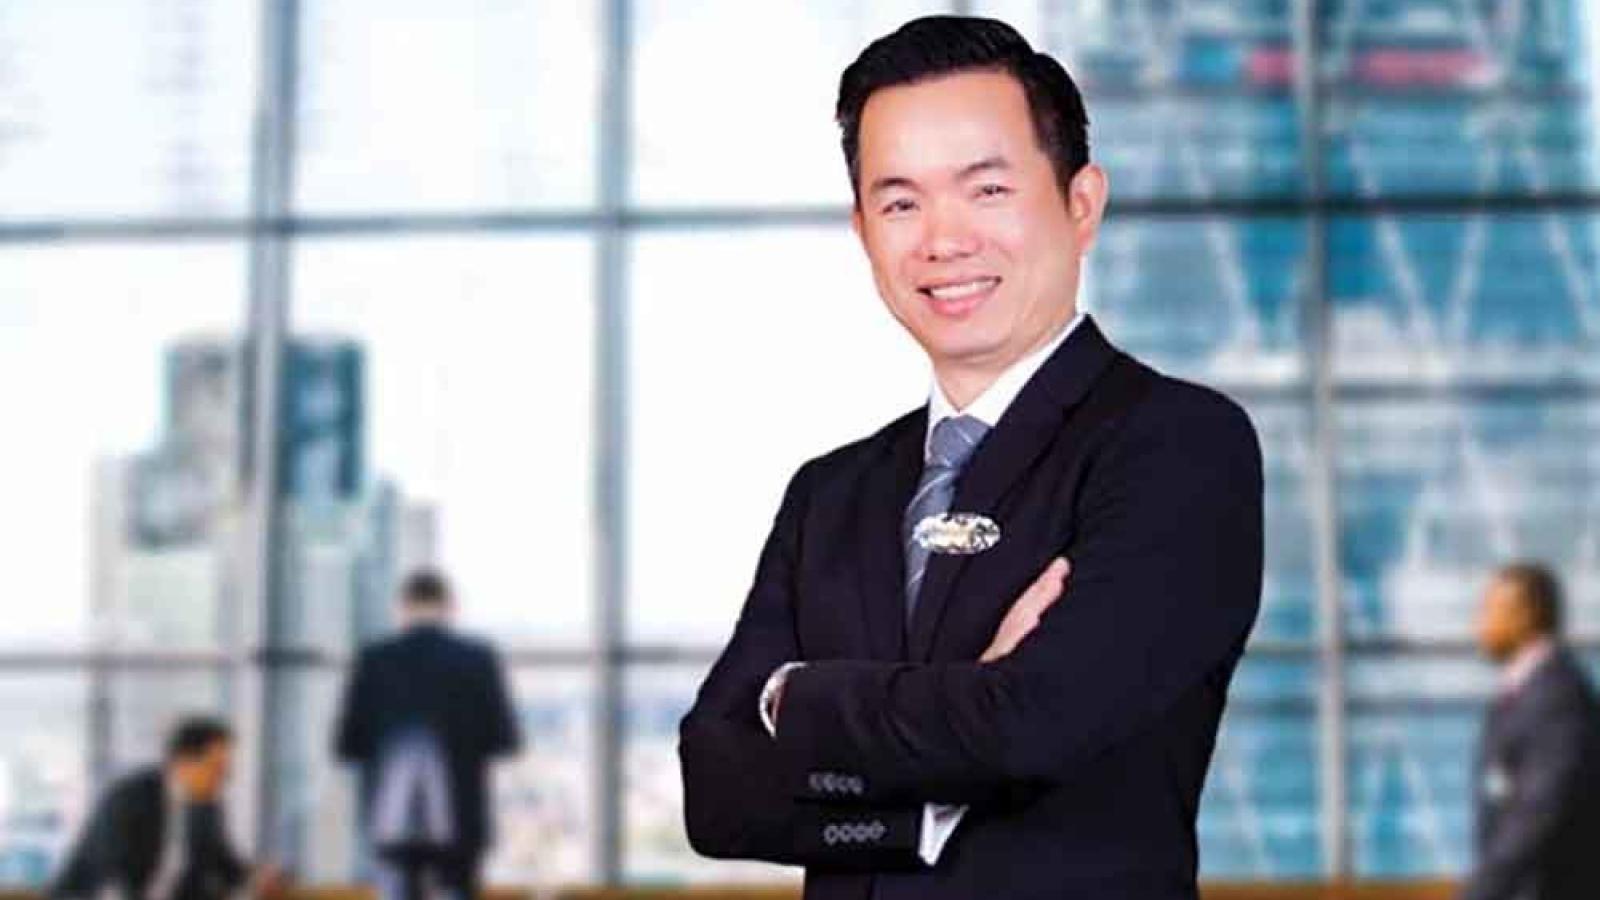 Vụ ông Tất Thành Cang: Đề nghị truy nã quốc tế Tổng giám đốc Công ty Nguyễn Kim